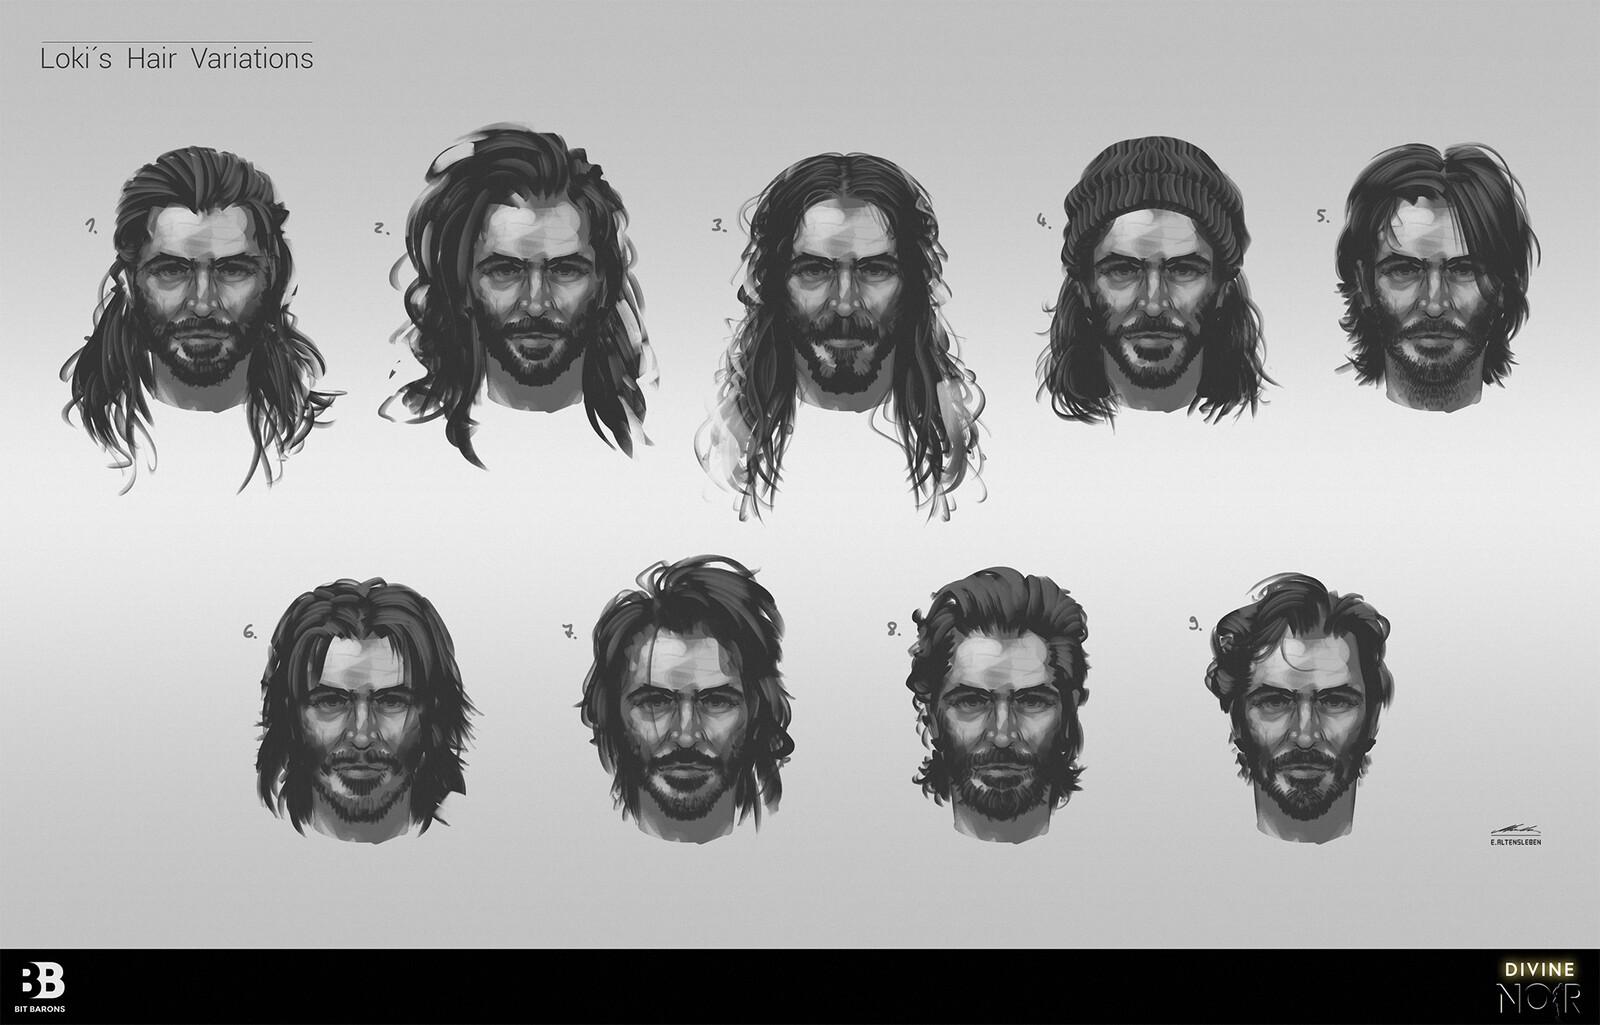 Loki - Hair Variations